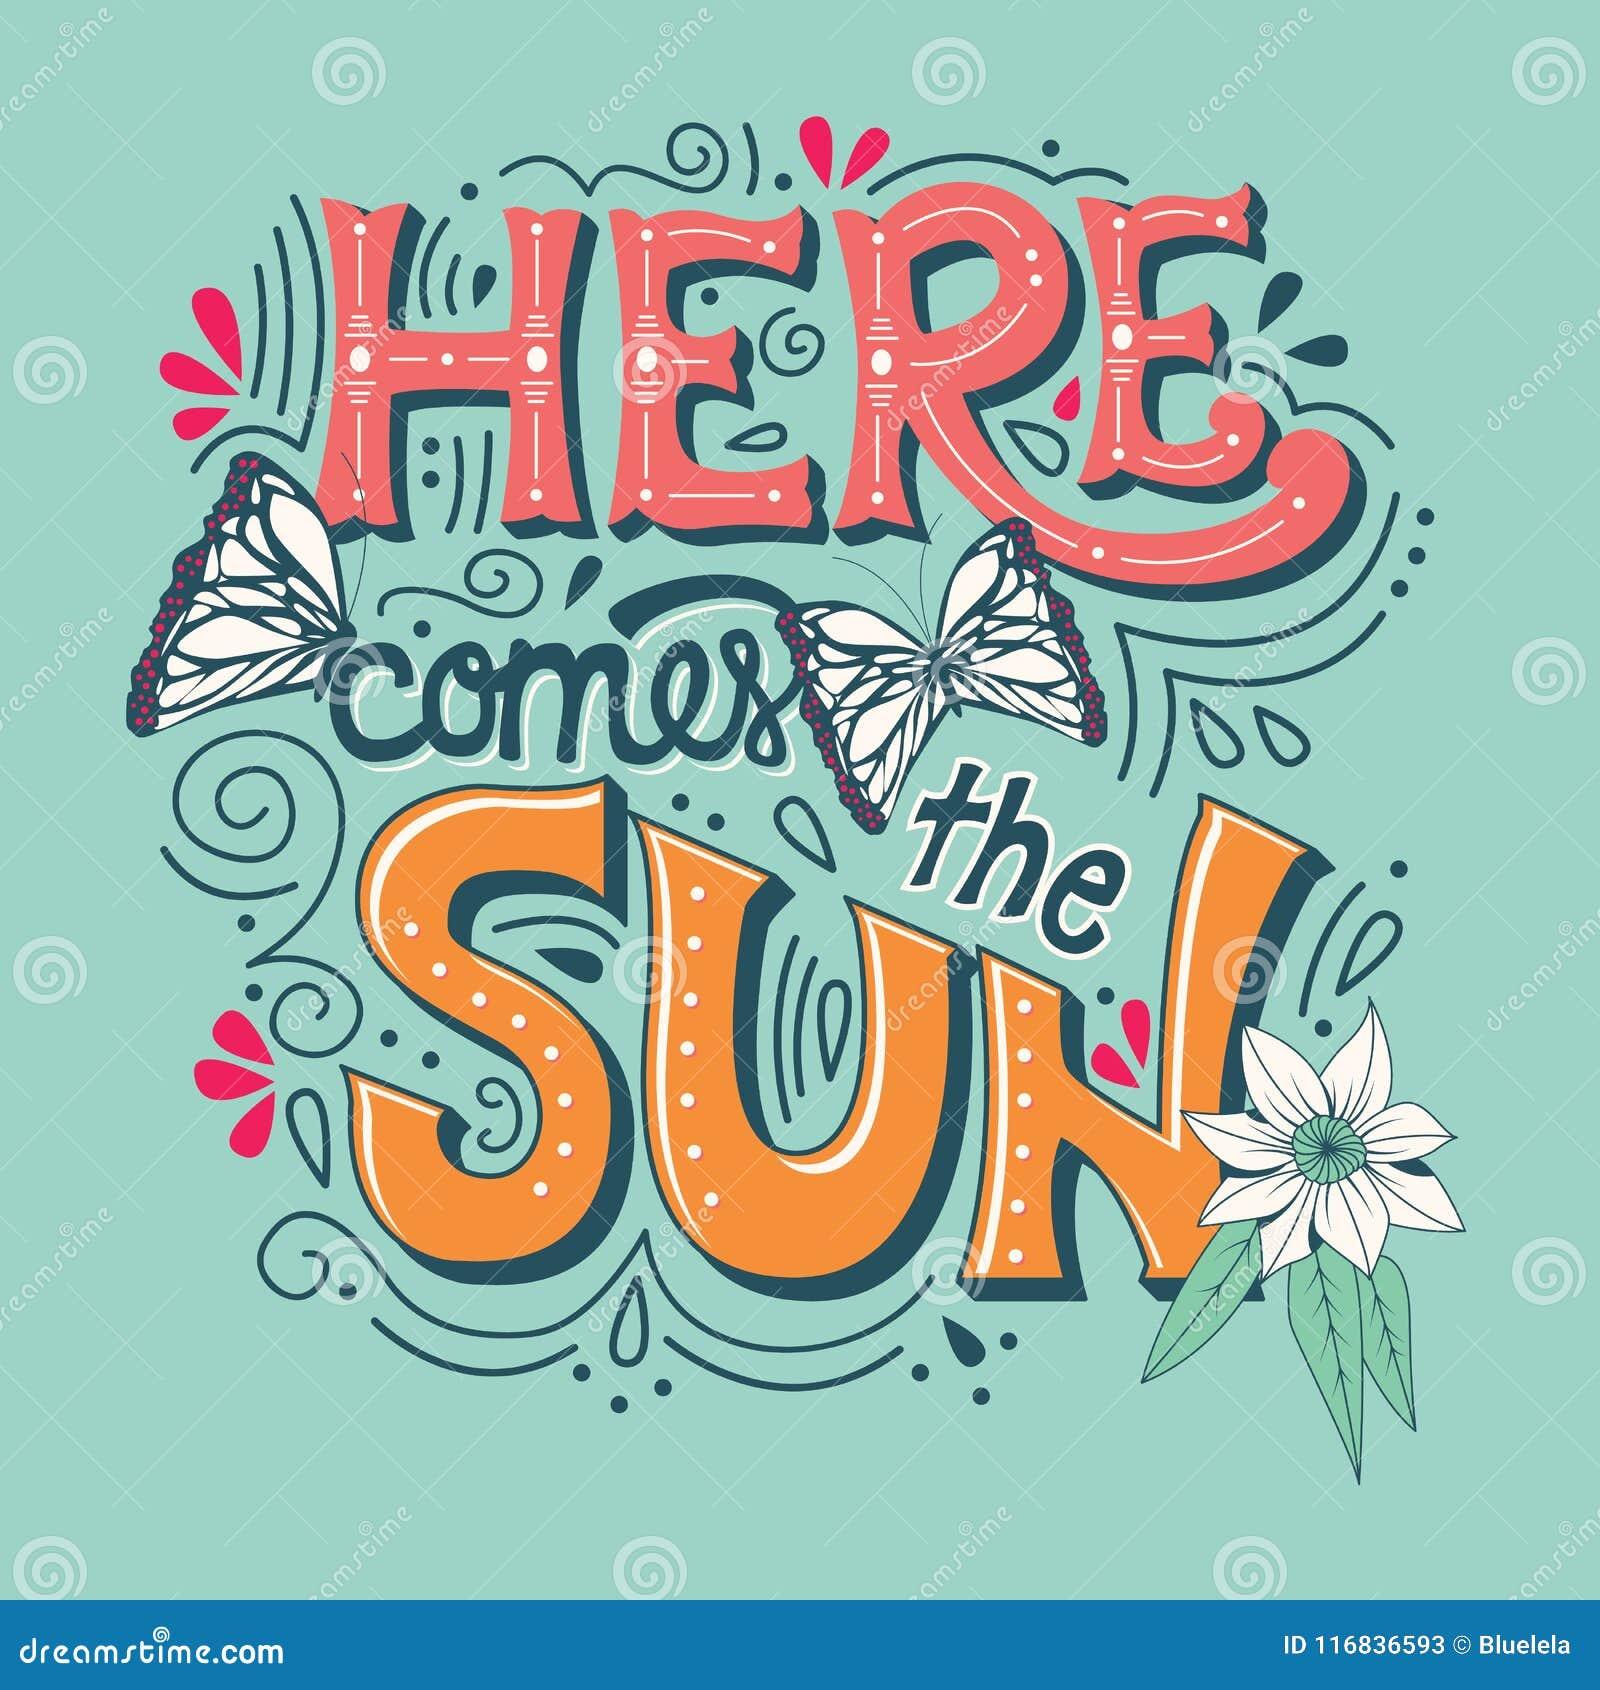 Vem aqui a bandeira da tipografia do sol com borboletas, flores e redemoinhos